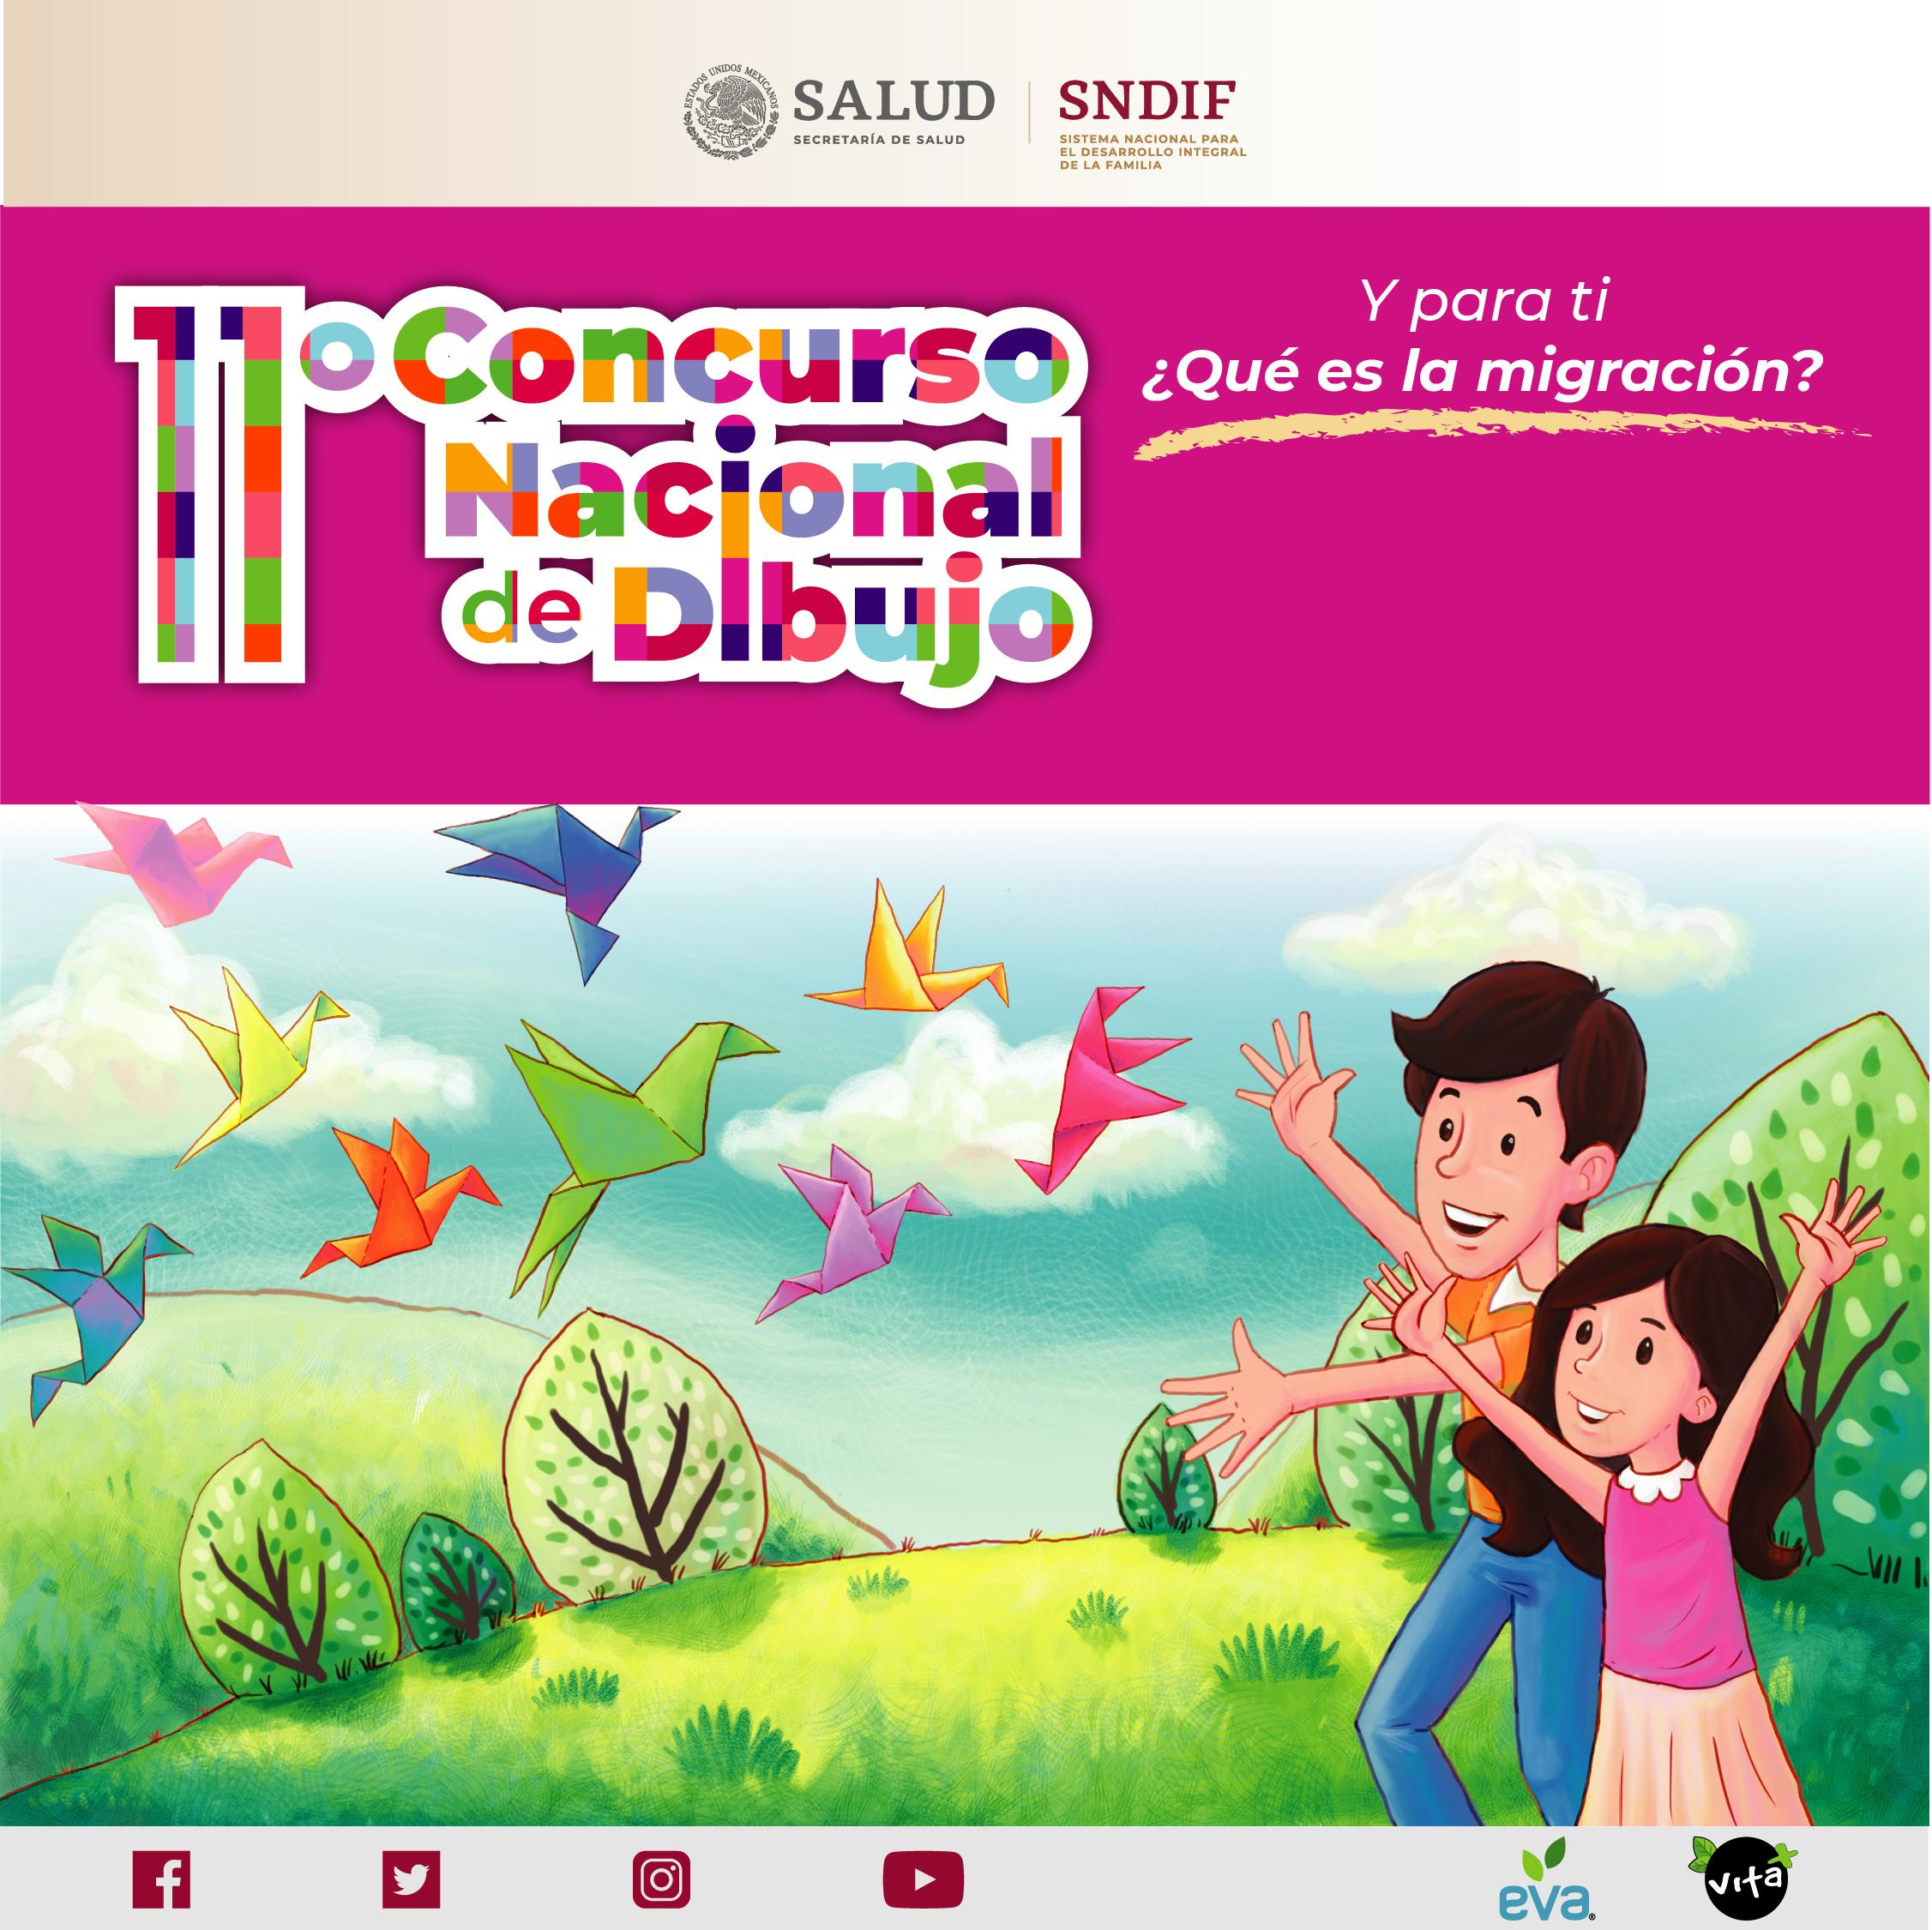 11º Concurso Nacional De Dibujo Y Para Ti Que Es La Migracion Sistema Nacional Dif Gobierno Gob Mx